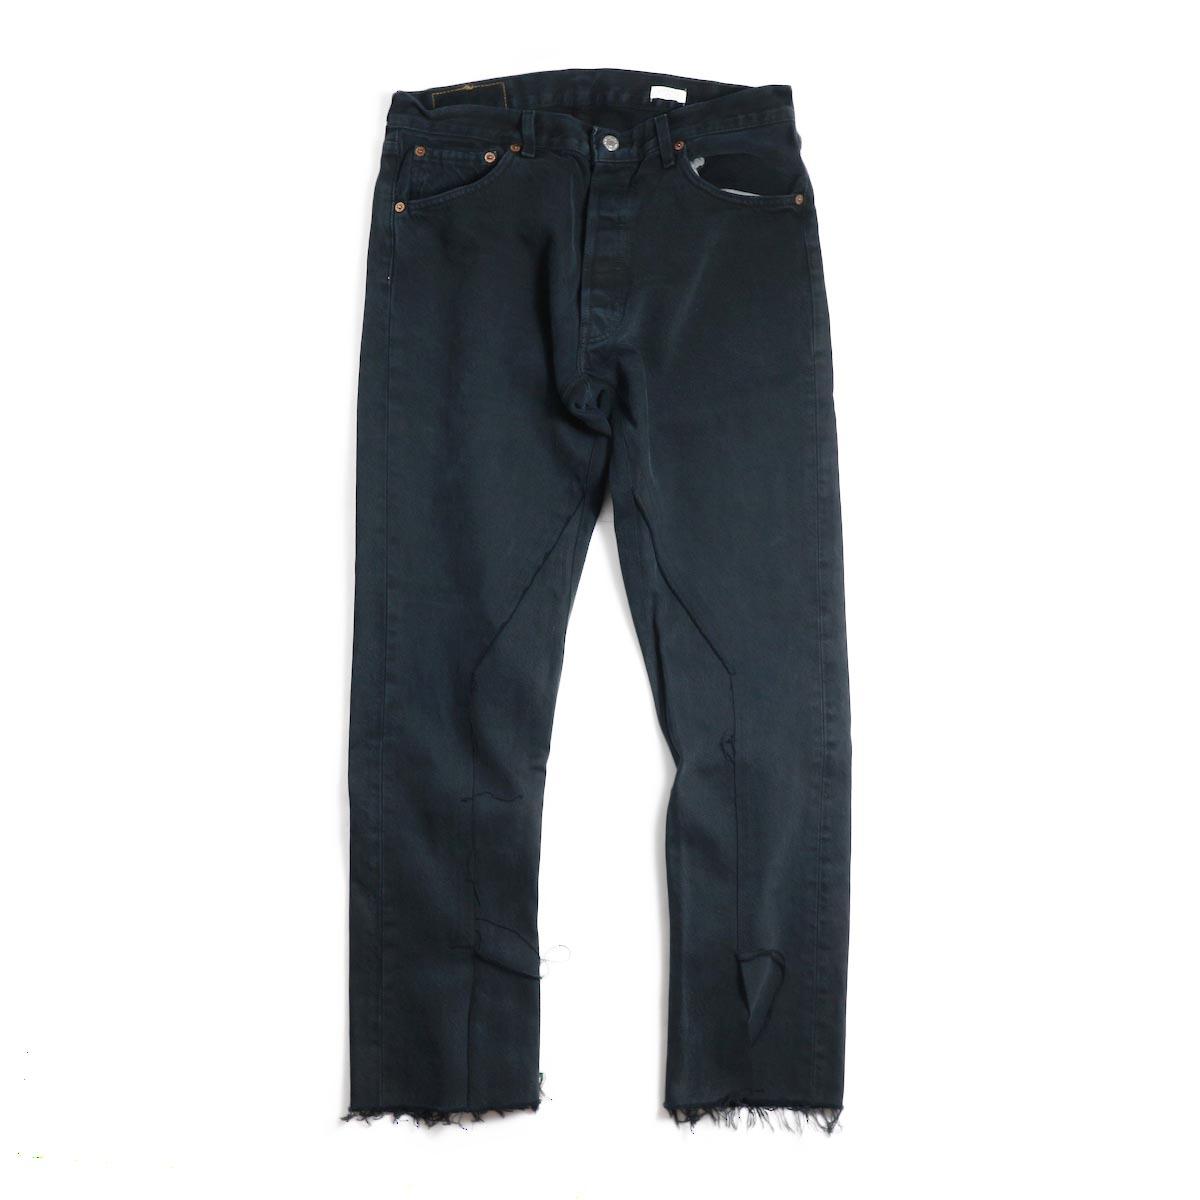 OLD PARK / Slit Jeans -Black Lsize(A)